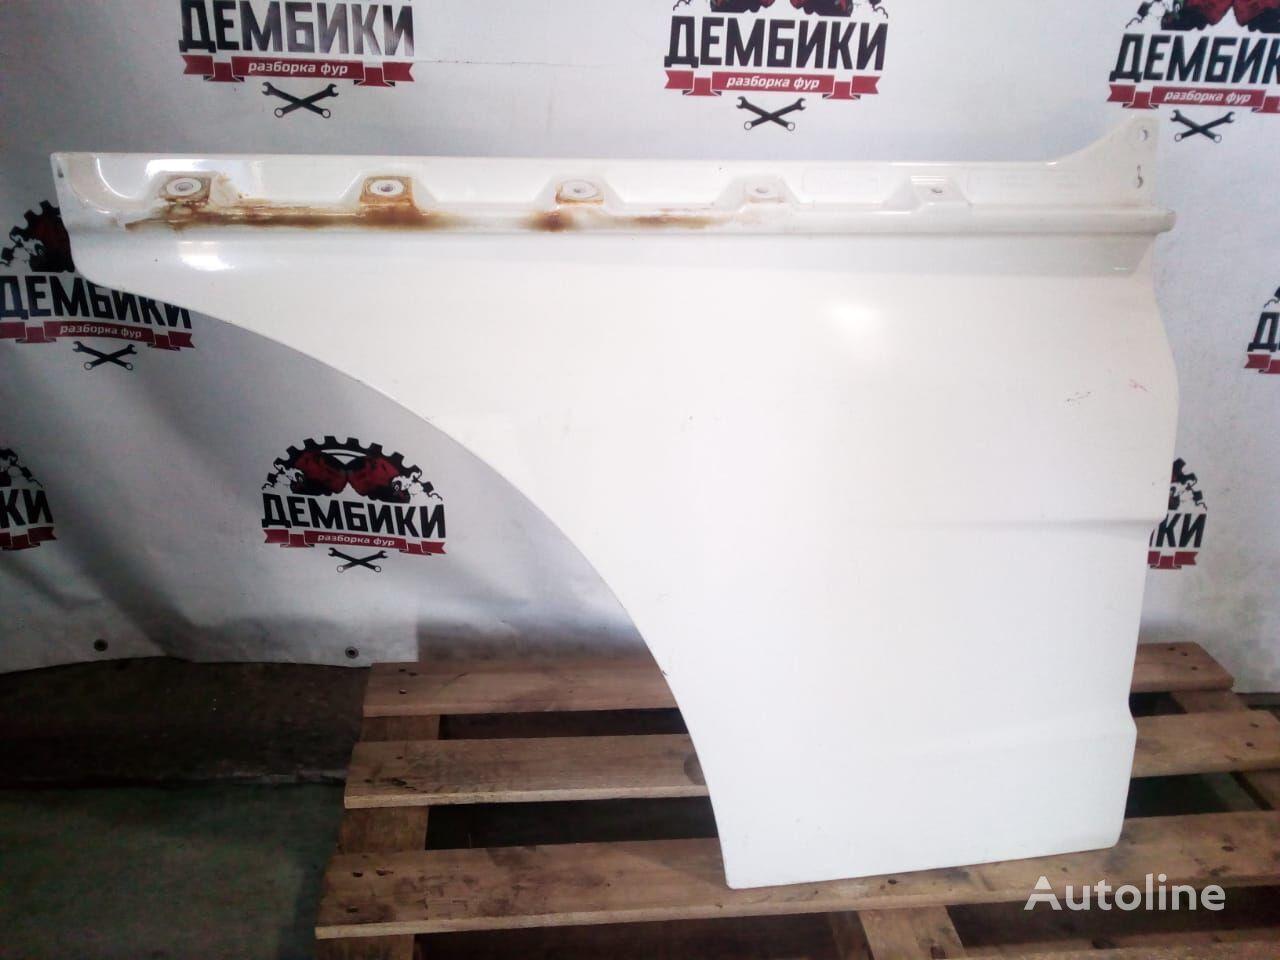 Prodolzhenie dveri pravoe front fascia for MAN TGA truck